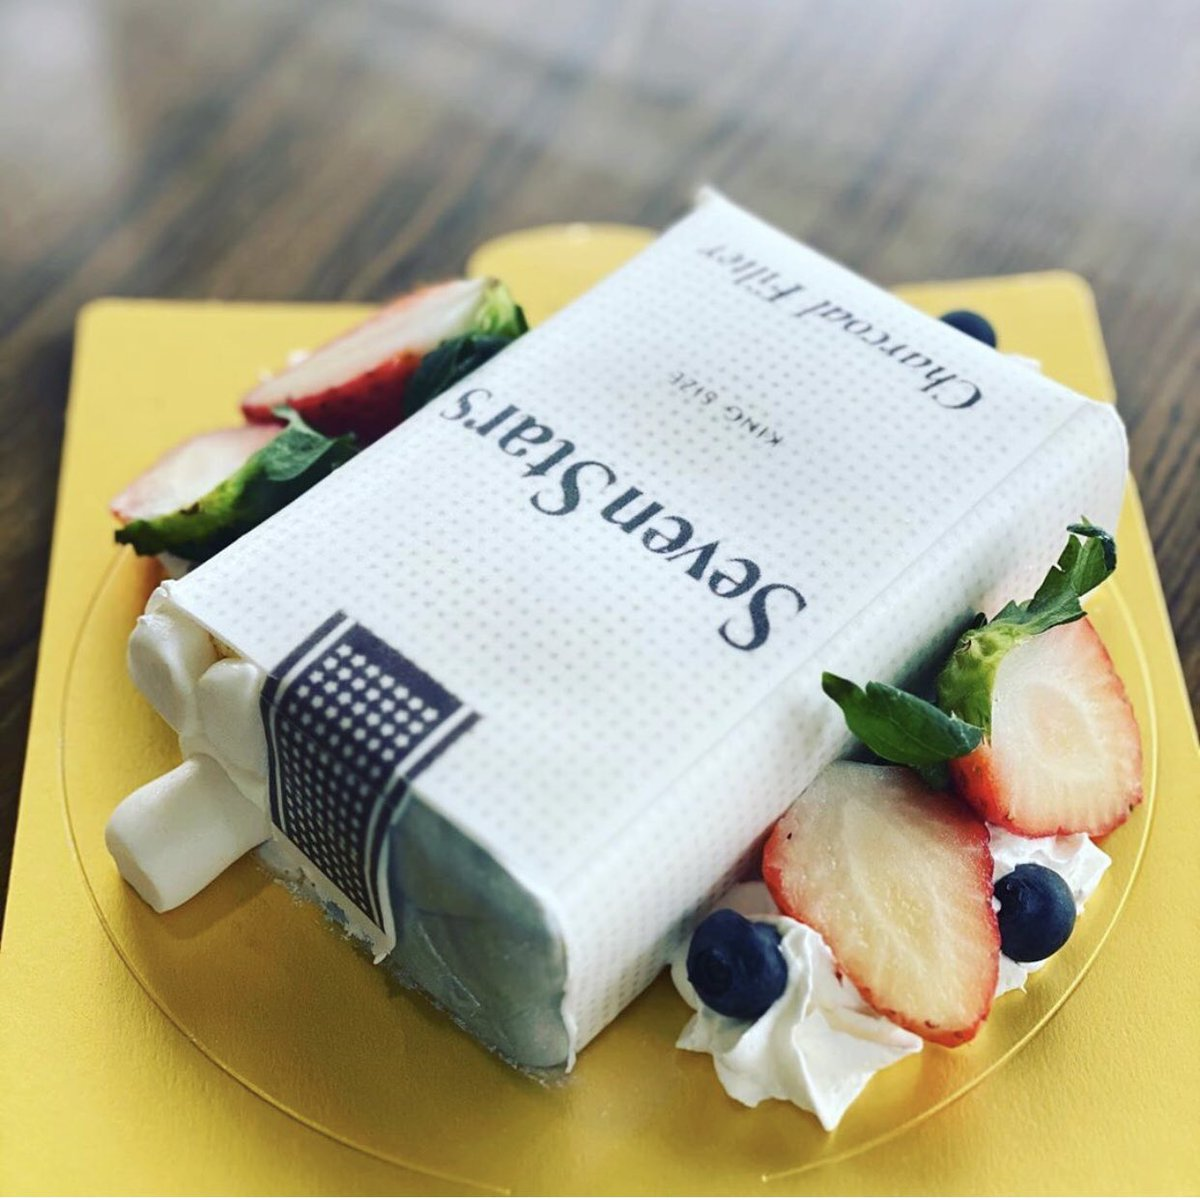 実は私ケーキ屋でもあるのですが、たばこケーキが最近の傑作なので見てもらえませんか……🥺